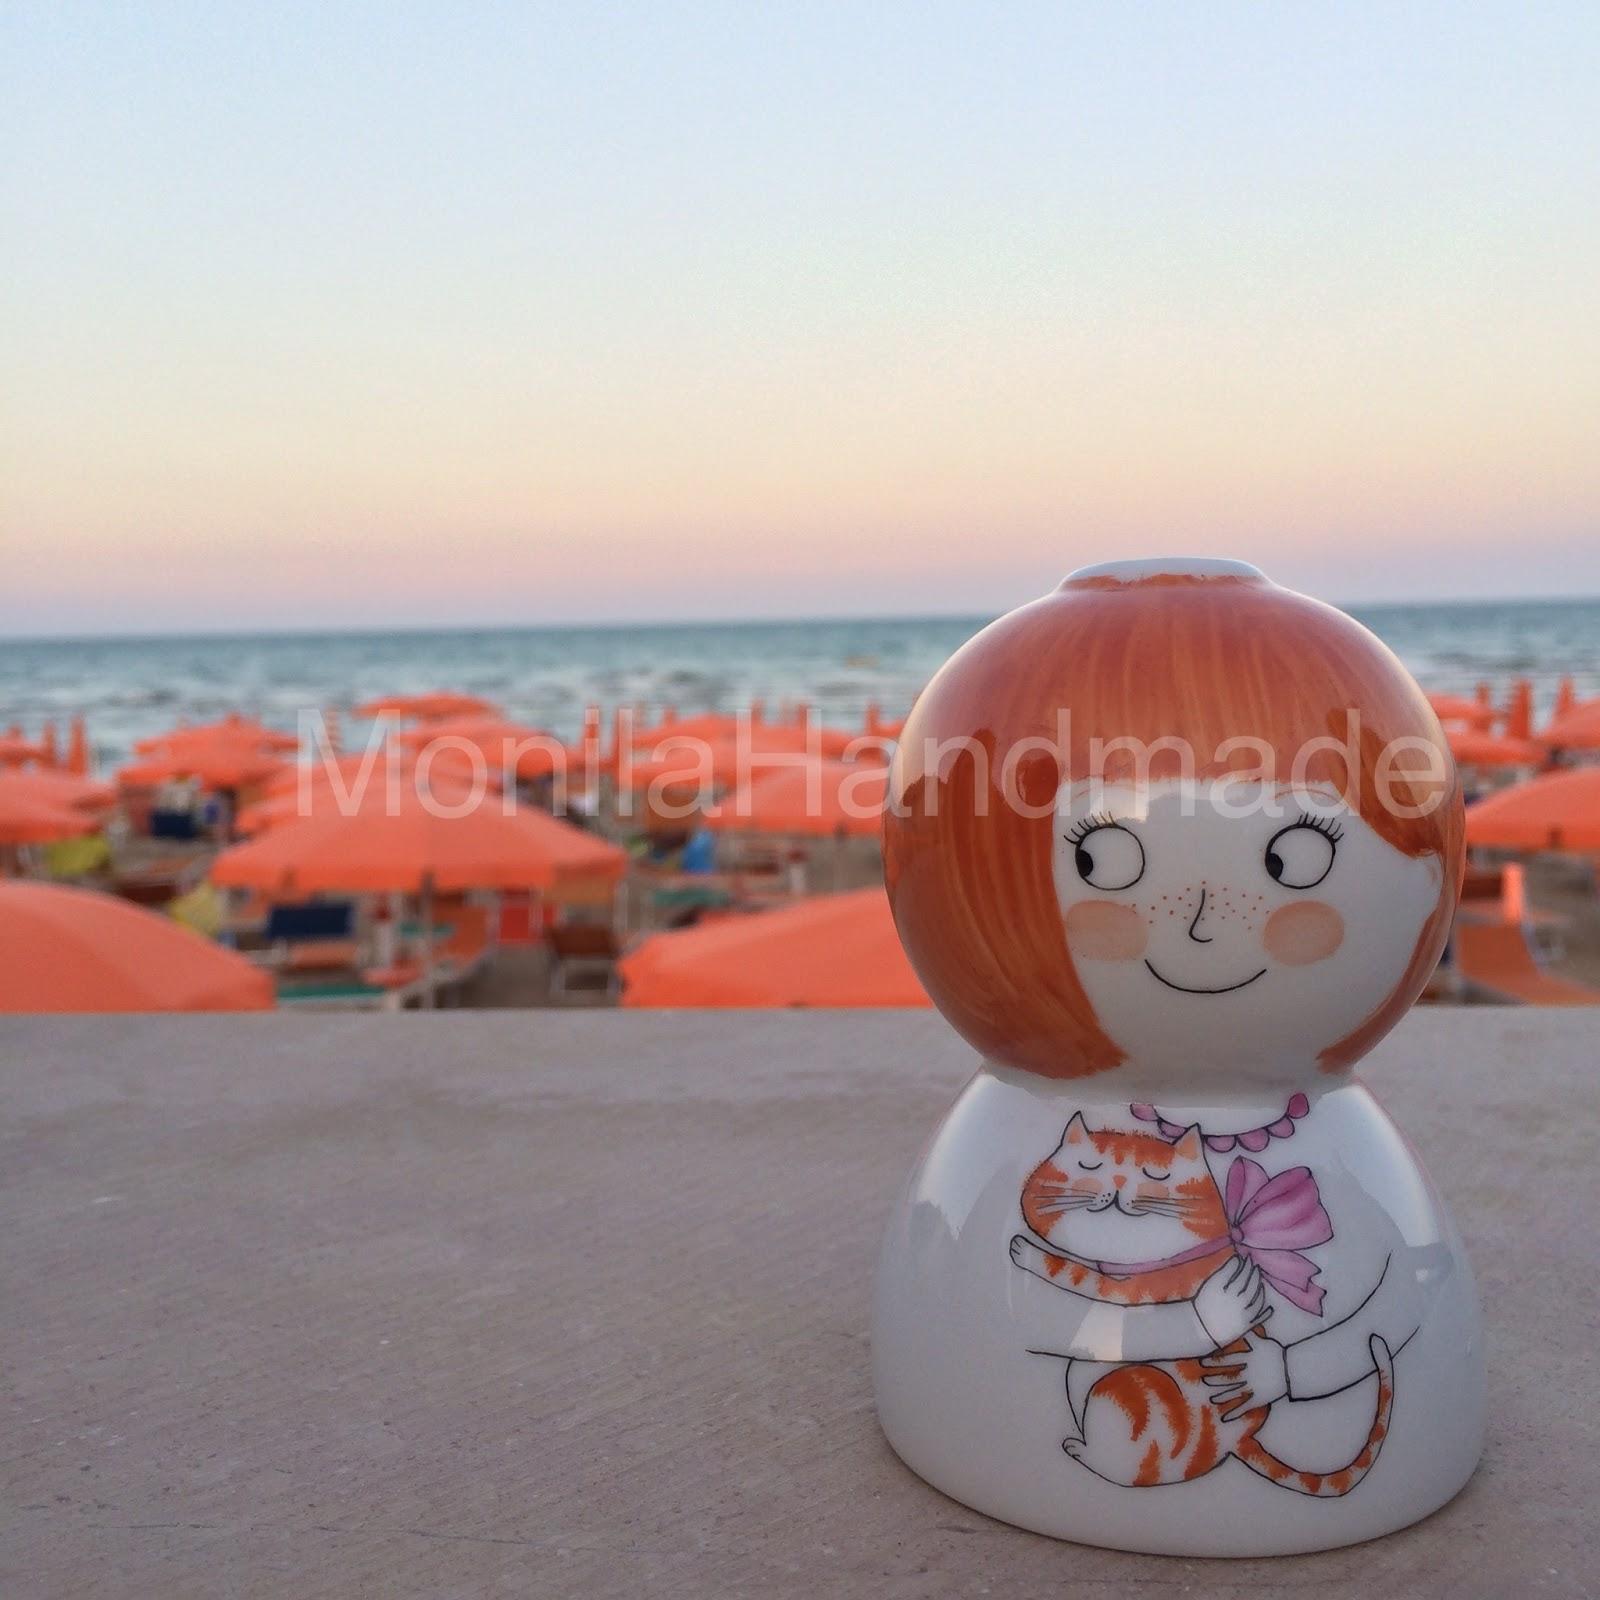 Monila Handmade,porcellana,dipinto a mano,vaso